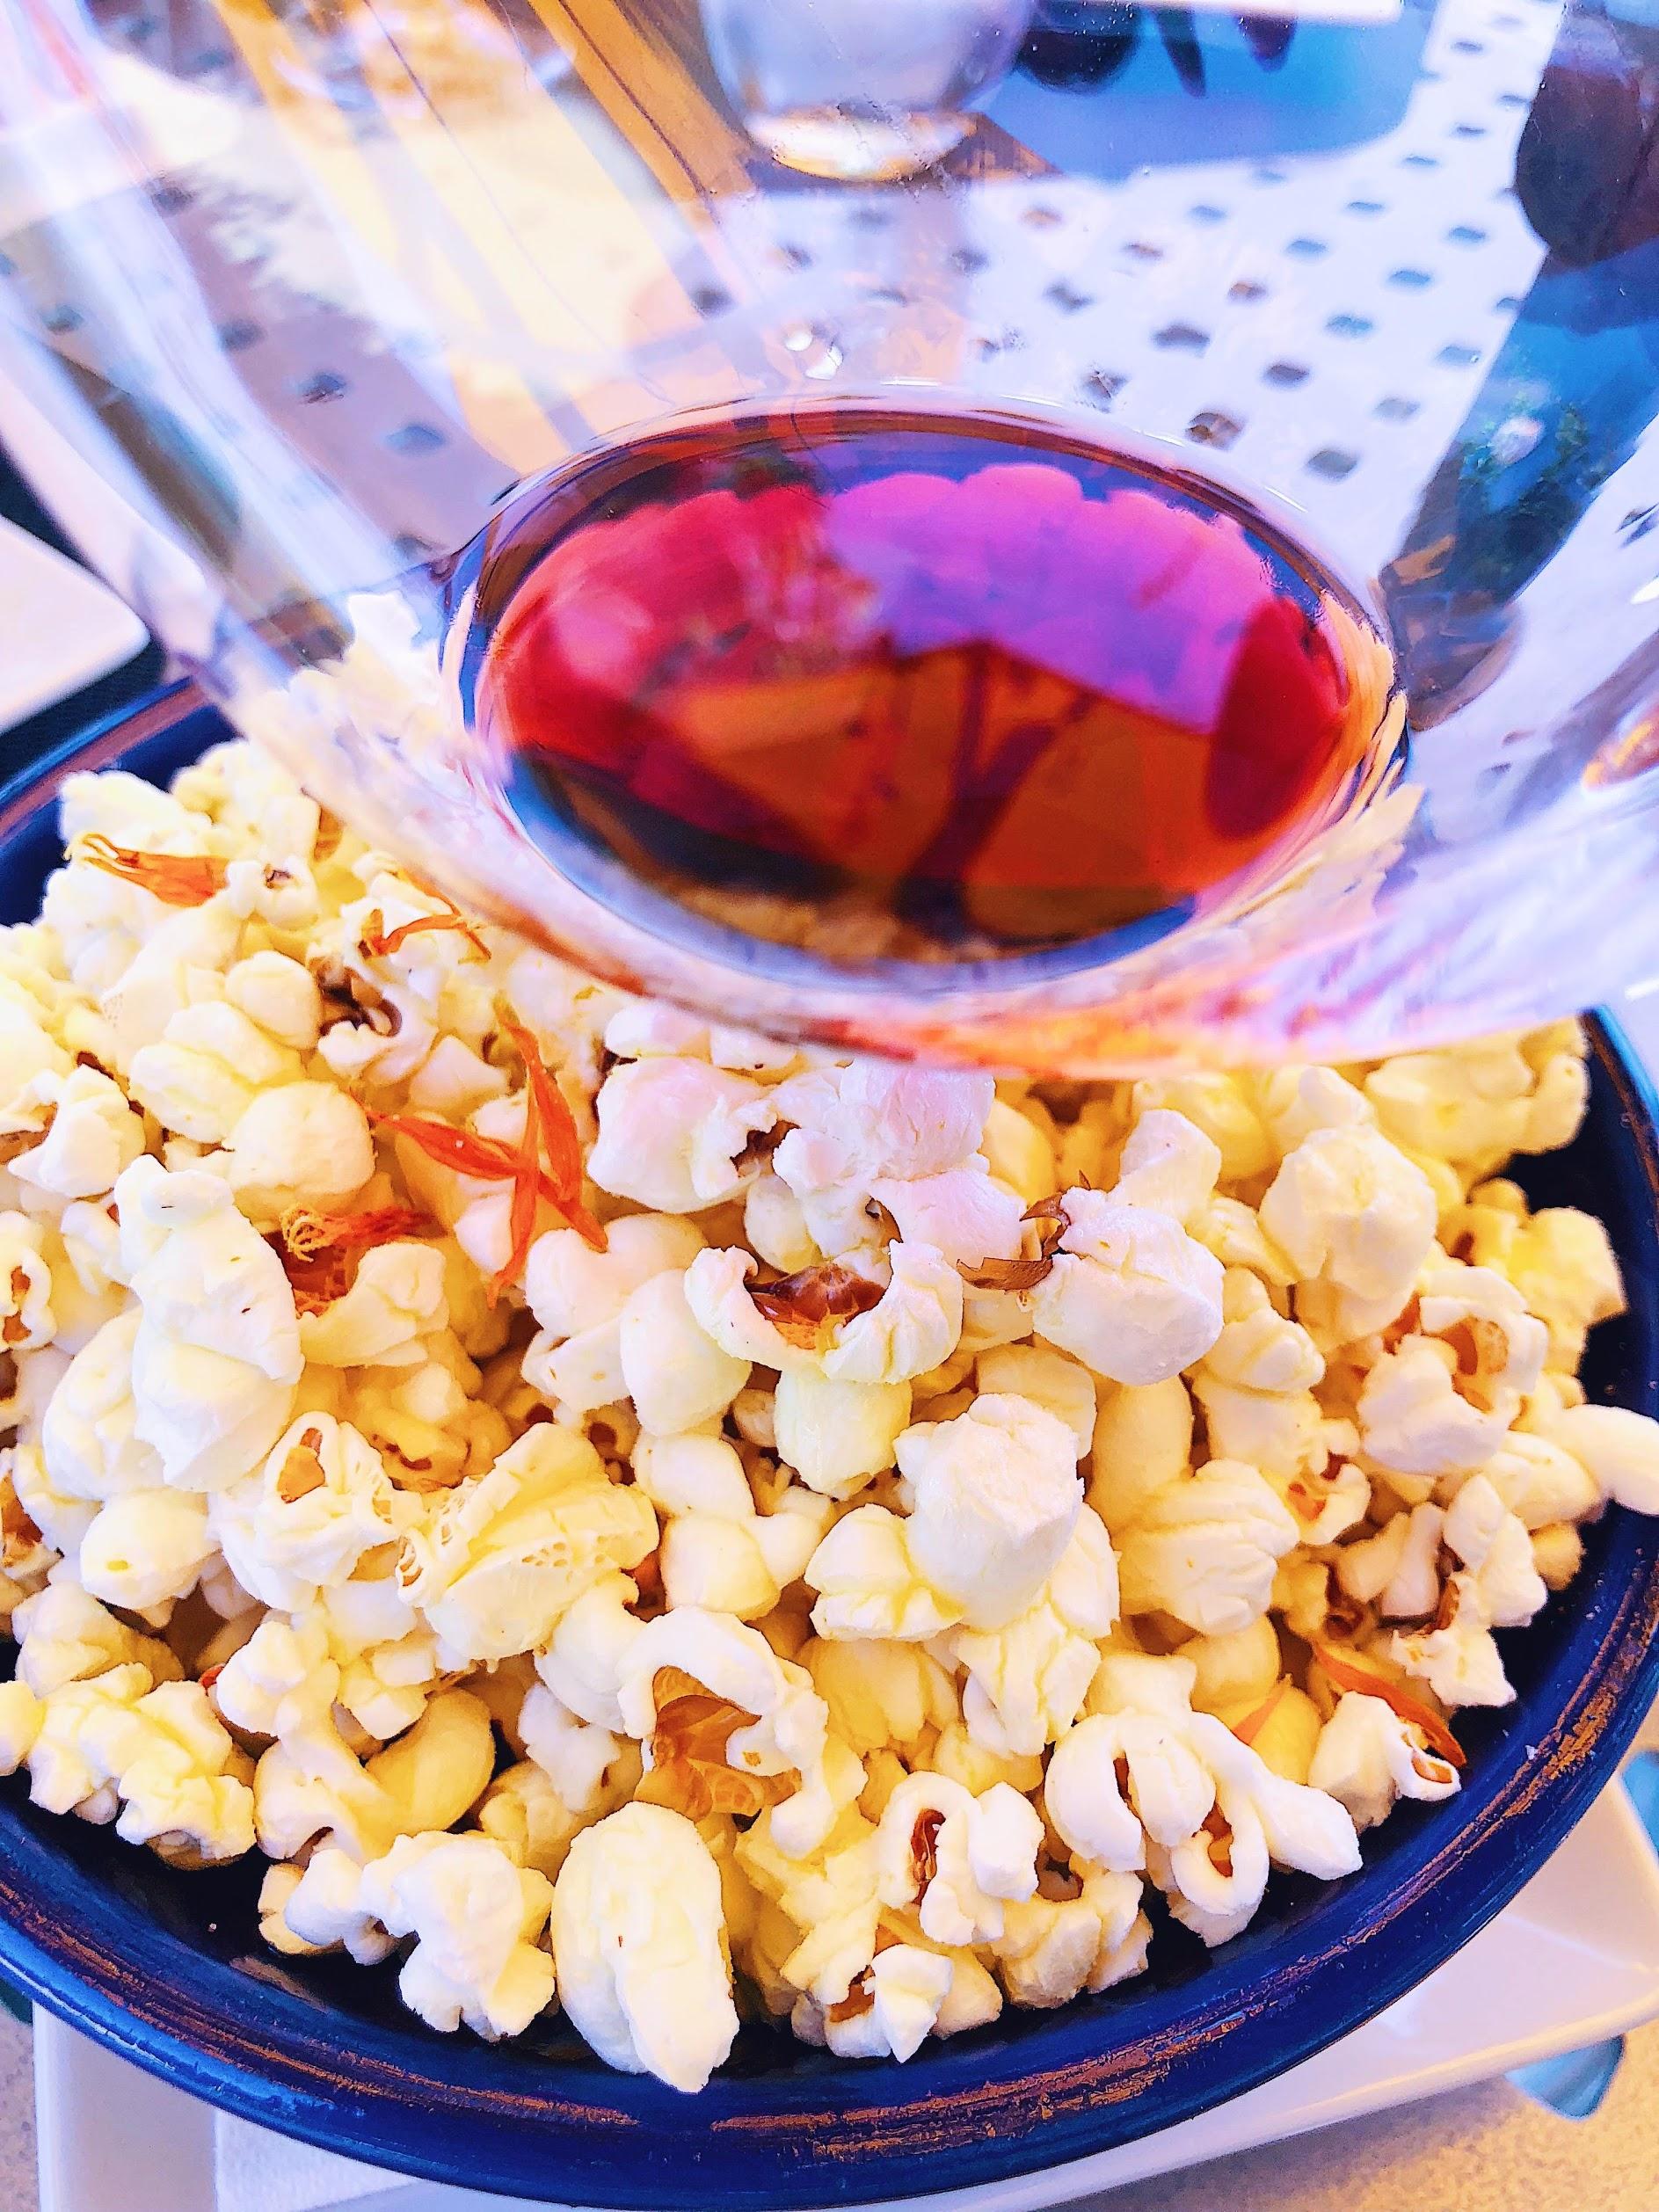 Warm Organic Popcorn Lynmar